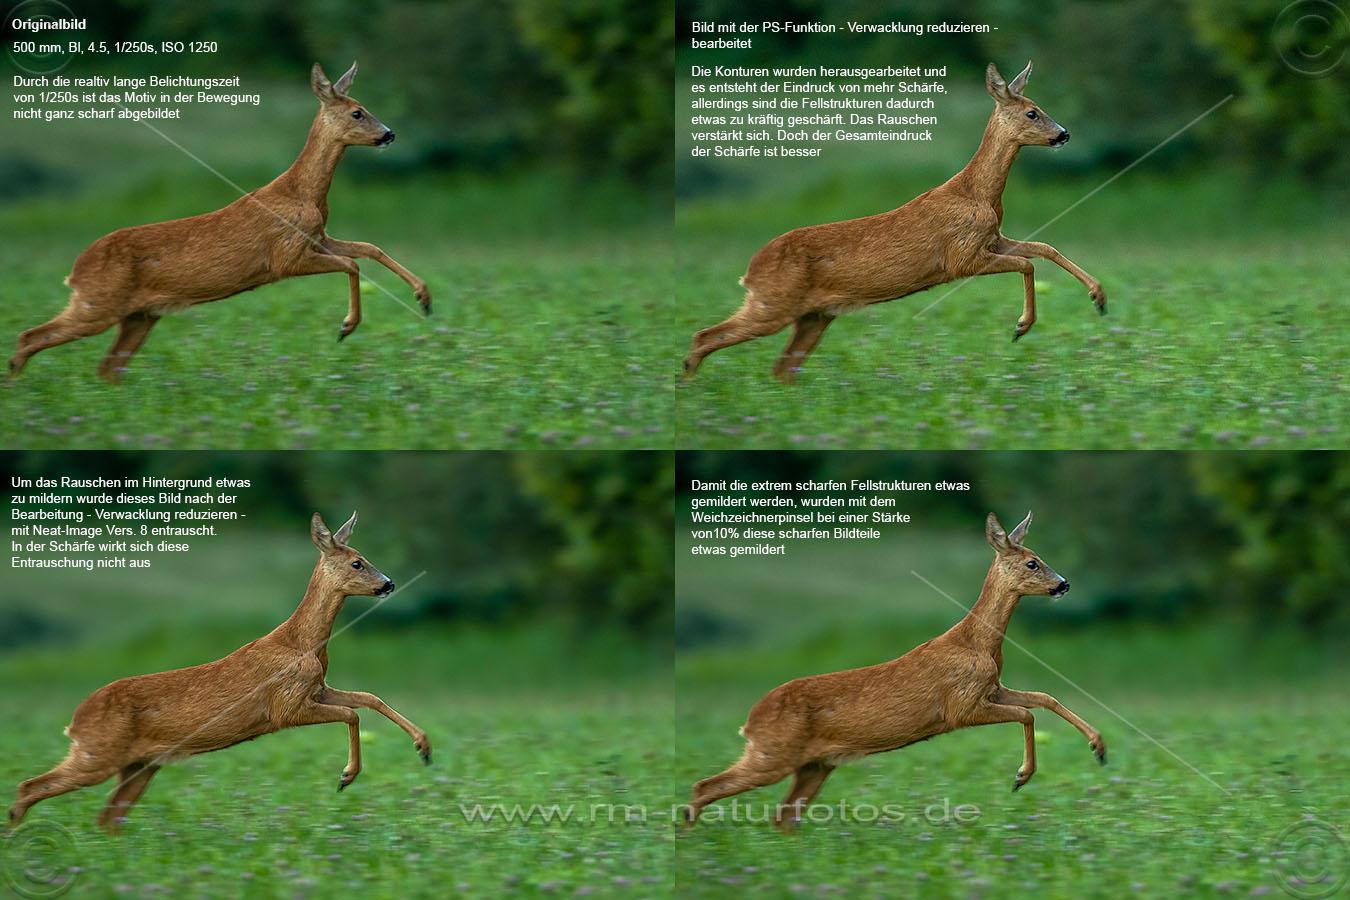 Reh (Capreolus capreolus) in Bewegung, Bildvergleich mit verschiedenen Arbeitsschritten